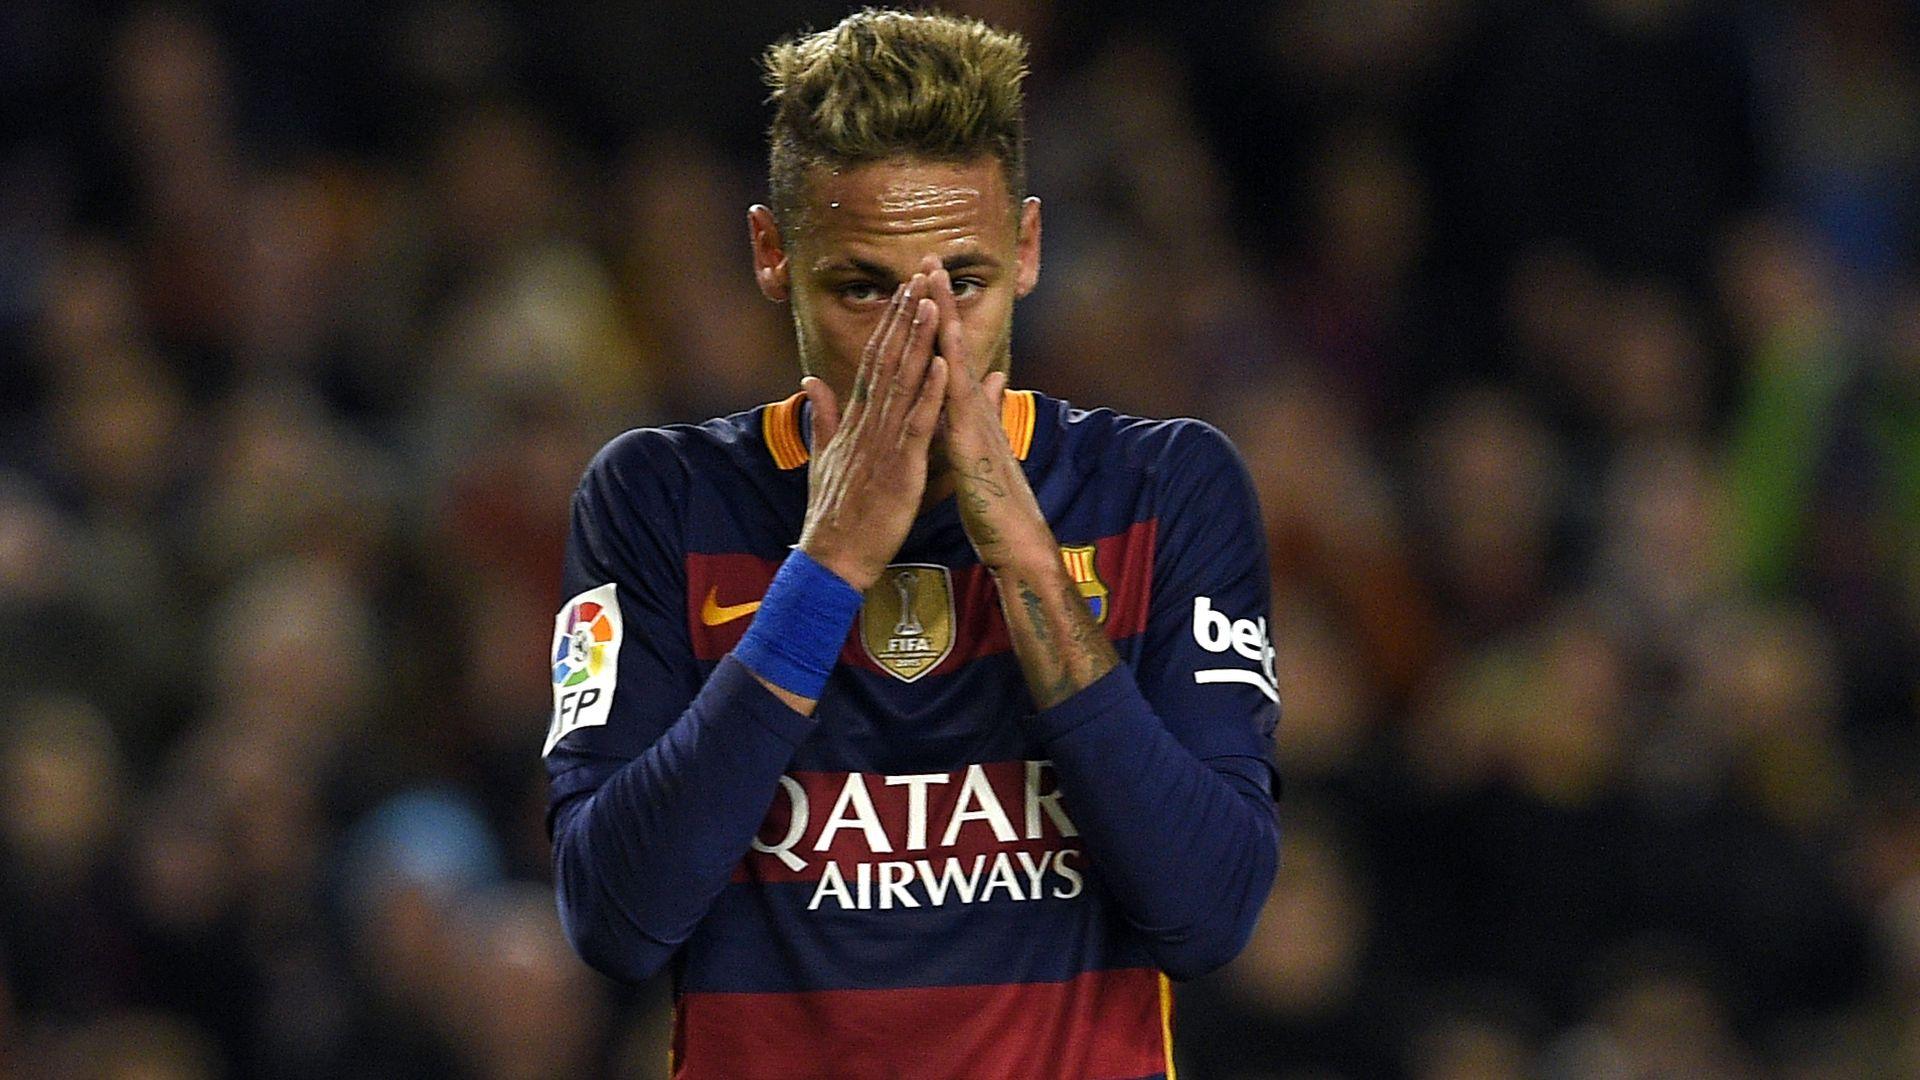 Neymar Jr Frisur 2017 Finden Sie Die Beste Frisur Inspiration Hier